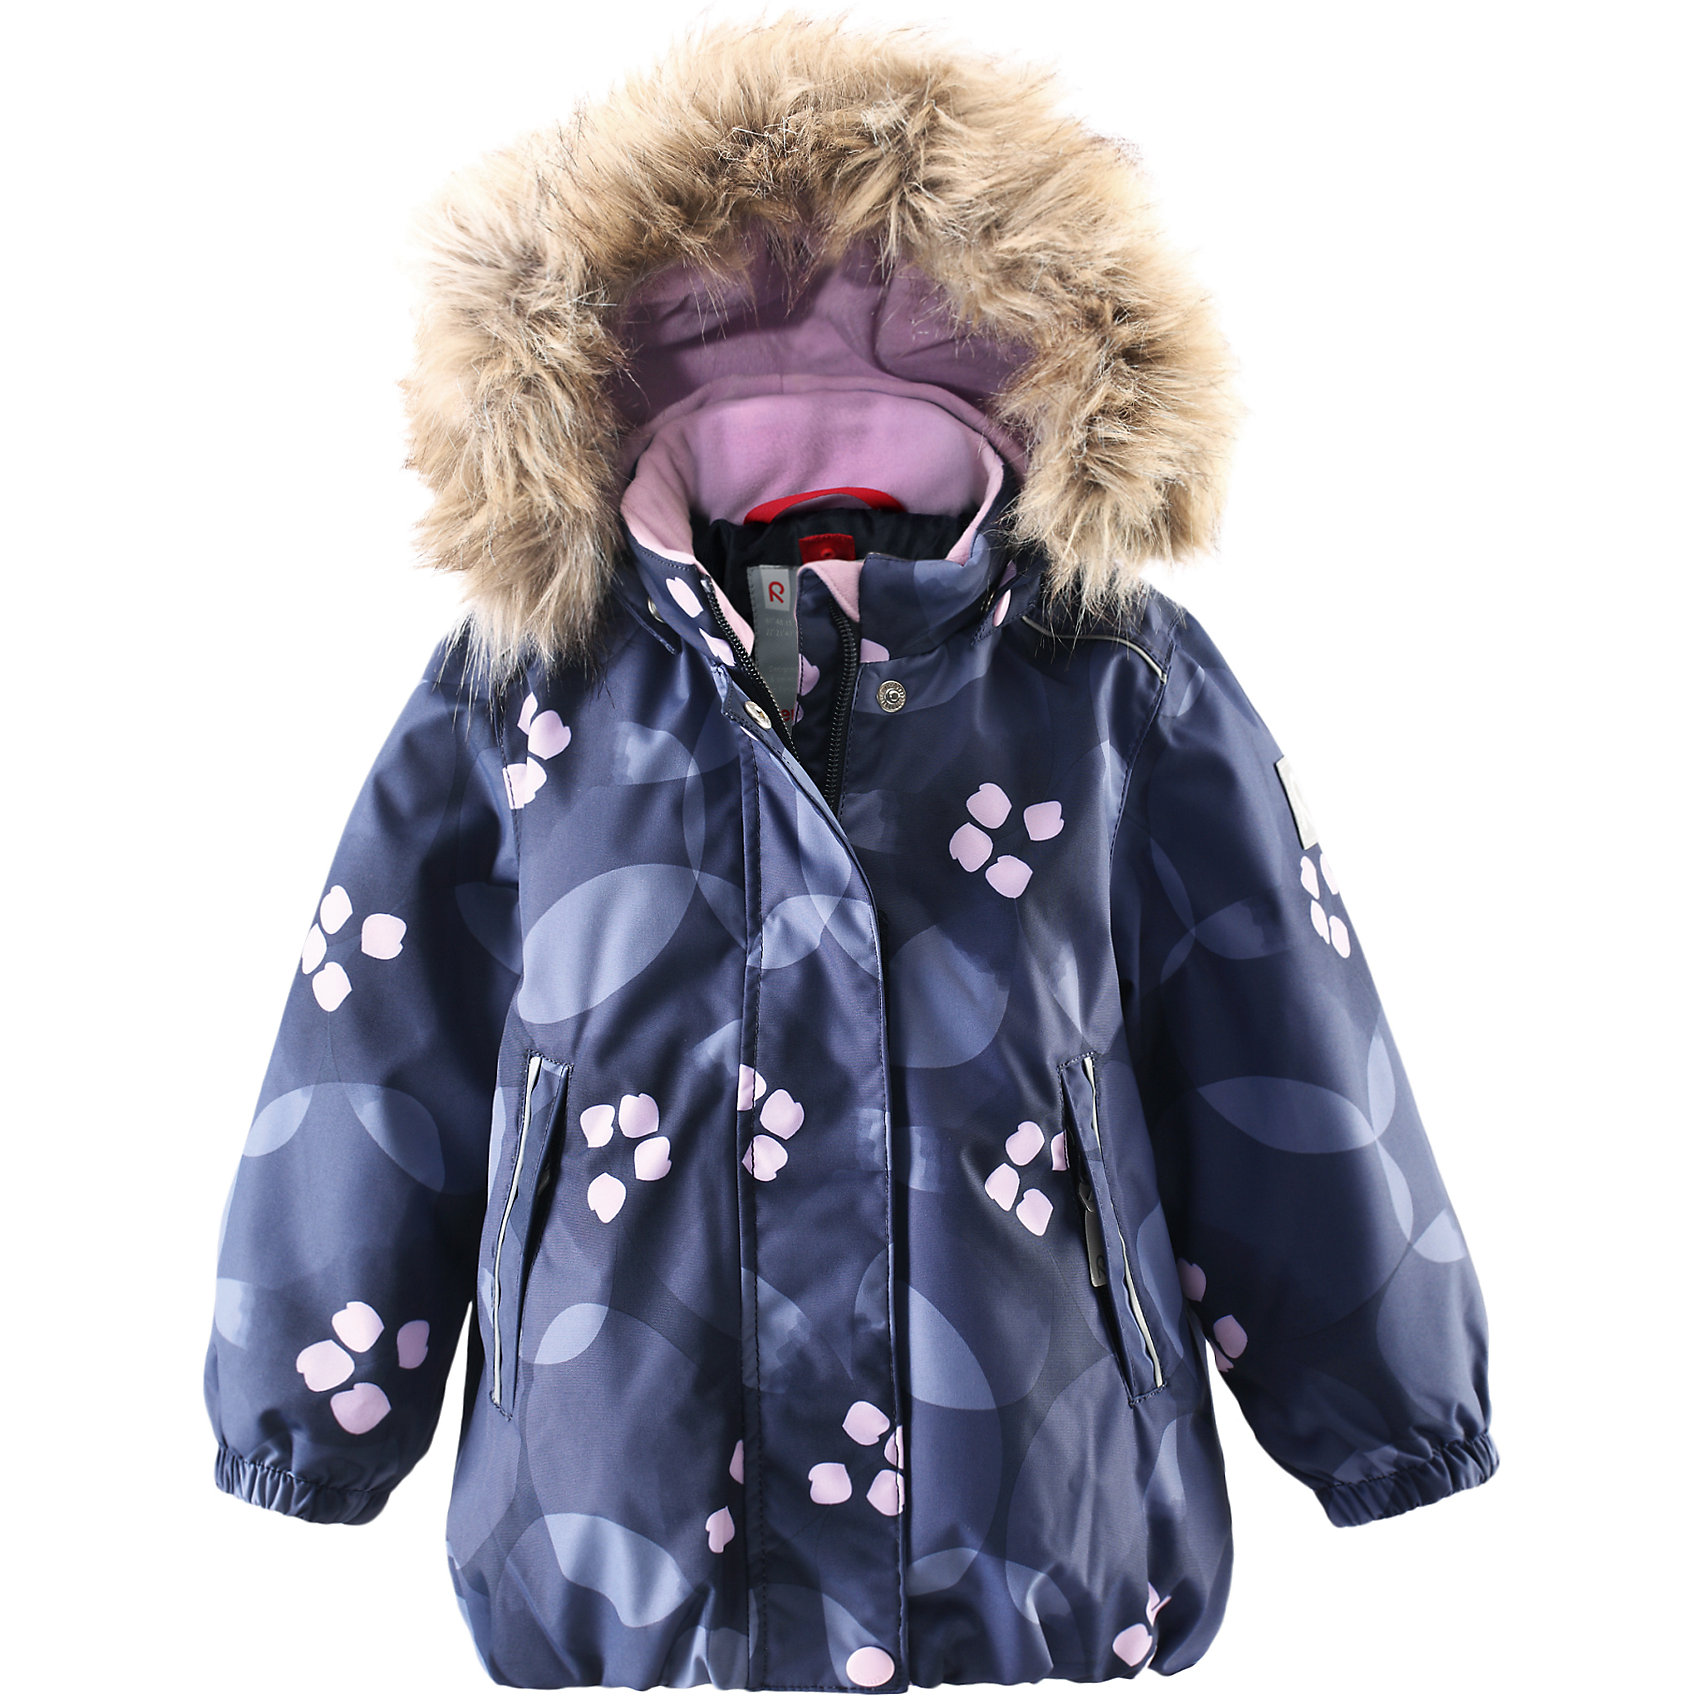 Куртка Muhvi для девочки Reimatec® ReimaОдежда<br>Куртка для девочки Reimatec® Reima<br>Зимняя куртка для малышей. Все швы проклеены и водонепроницаемы. Водо- и ветронепроницаемый, «дышащий» и грязеотталкивающий материал. Крой для девочек. Гладкая подкладка из полиэстра. Безопасный съемный капюшон с отсоединяемой меховой каймой из искусственного меха. .Эластичный пояс сзад иЭластичные подол и манжеты. Регулируемый подол. Два кармана на молнии. Принт по всей поверхности. Безопасные светоотражающие детали.<br>Утеплитель: Reima® Soft Loft insulation,160 g<br>Уход:<br>Стирать по отдельности, вывернув наизнанку. Перед стиркой отстегните искусственный мех. Застегнуть молнии и липучки. Стирать моющим средством, не содержащим отбеливающие вещества. Полоскать без специального средства. Во избежание изменения цвета изделие необходимо вынуть из стиральной машинки незамедлительно после окончания программы стирки. Можно сушить в сушильном шкафу или центрифуге (макс. 40° C).<br>Состав:<br>100% Полиамид, полиуретановое покрытие<br><br>Ширина мм: 356<br>Глубина мм: 10<br>Высота мм: 245<br>Вес г: 519<br>Цвет: синий<br>Возраст от месяцев: 24<br>Возраст до месяцев: 36<br>Пол: Женский<br>Возраст: Детский<br>Размер: 98,80,92,86<br>SKU: 4776021